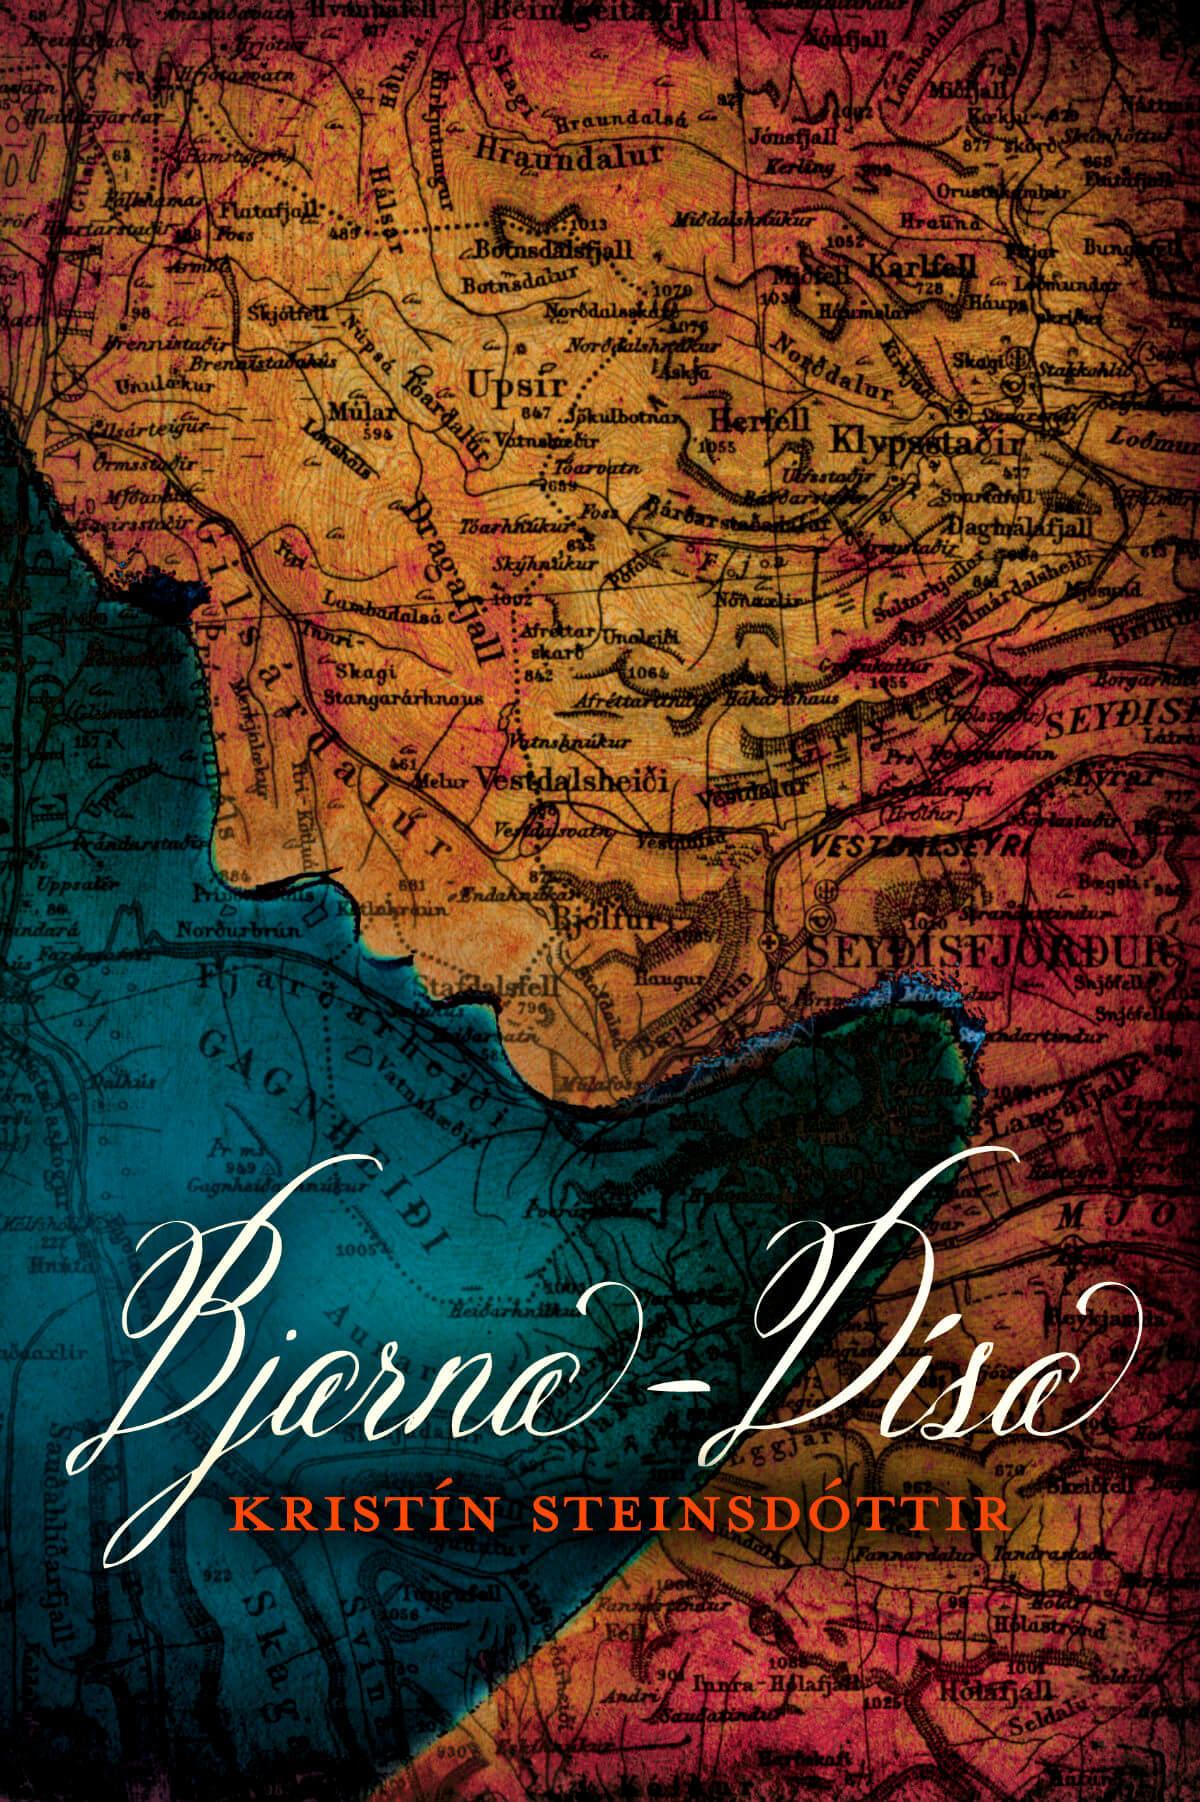 Bjarna-Dísa